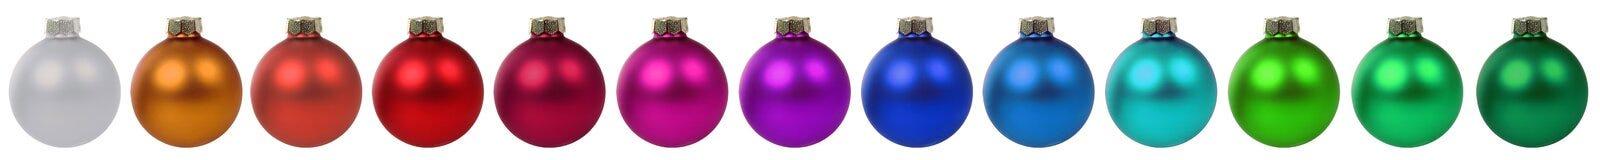 Bunter Weihnachtsballflitterdekorations-Grenzin folge Isolator Lizenzfreies Stockbild